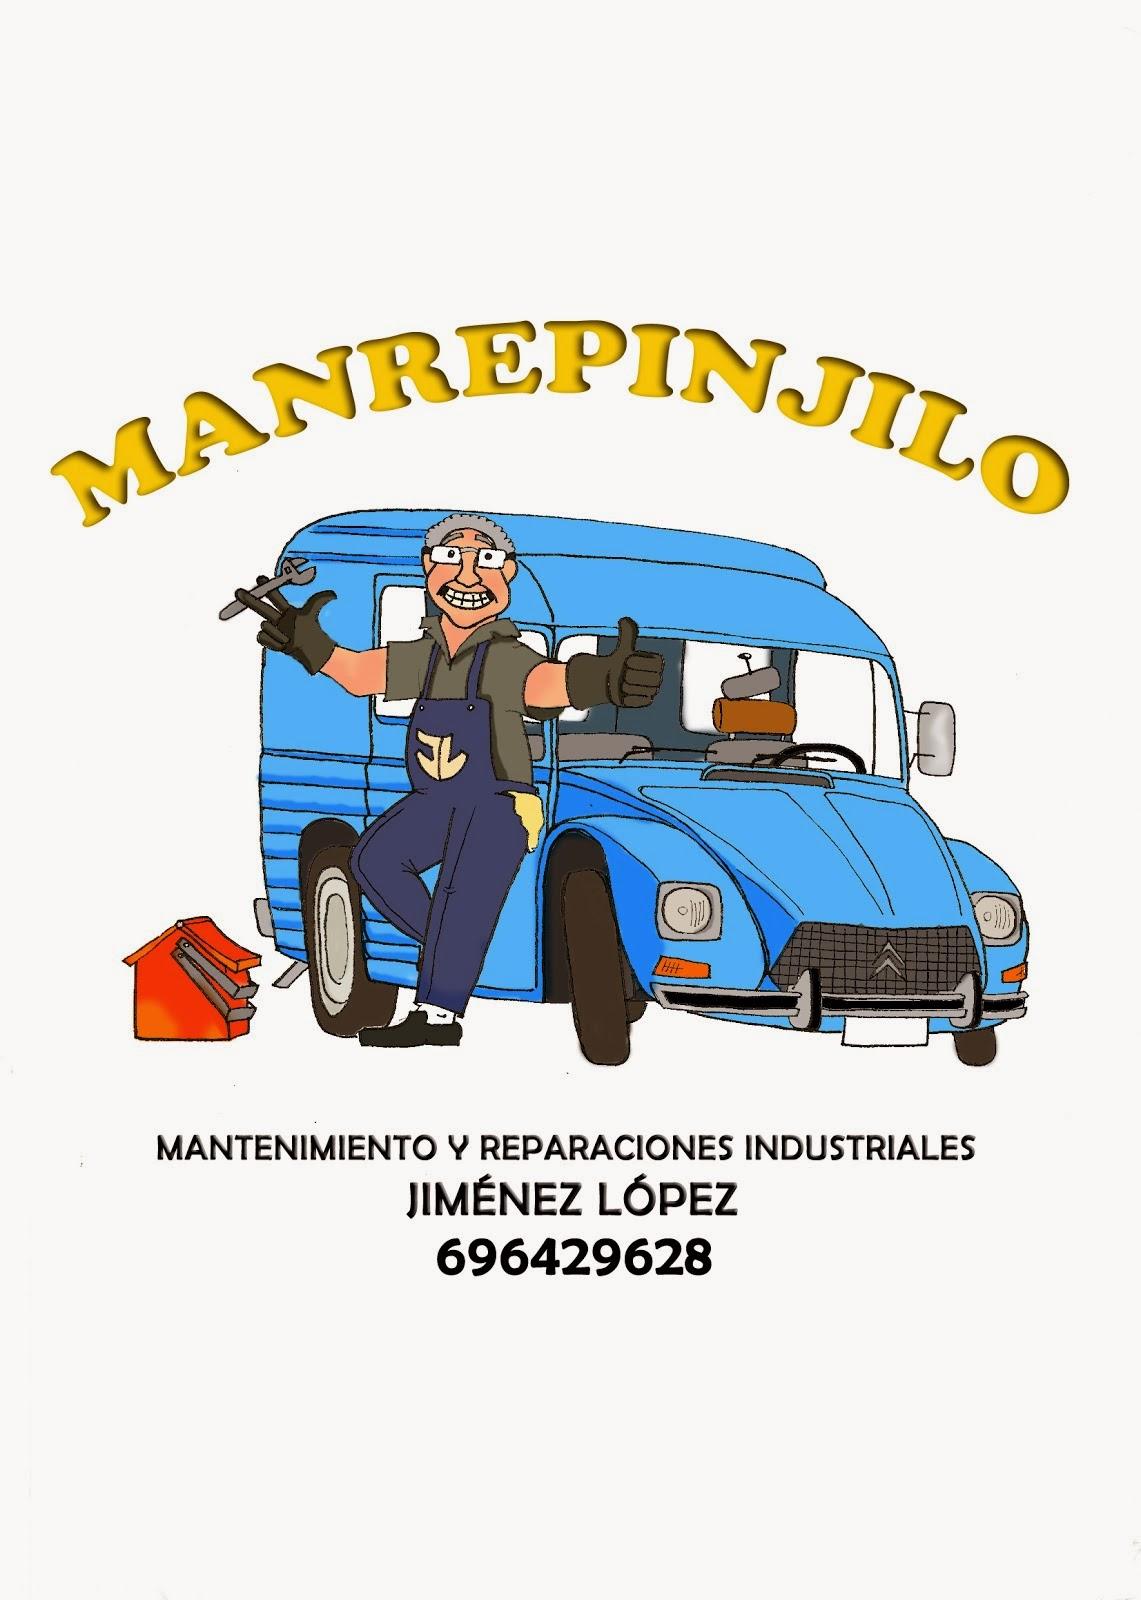 MANREPINJILO, S. L.